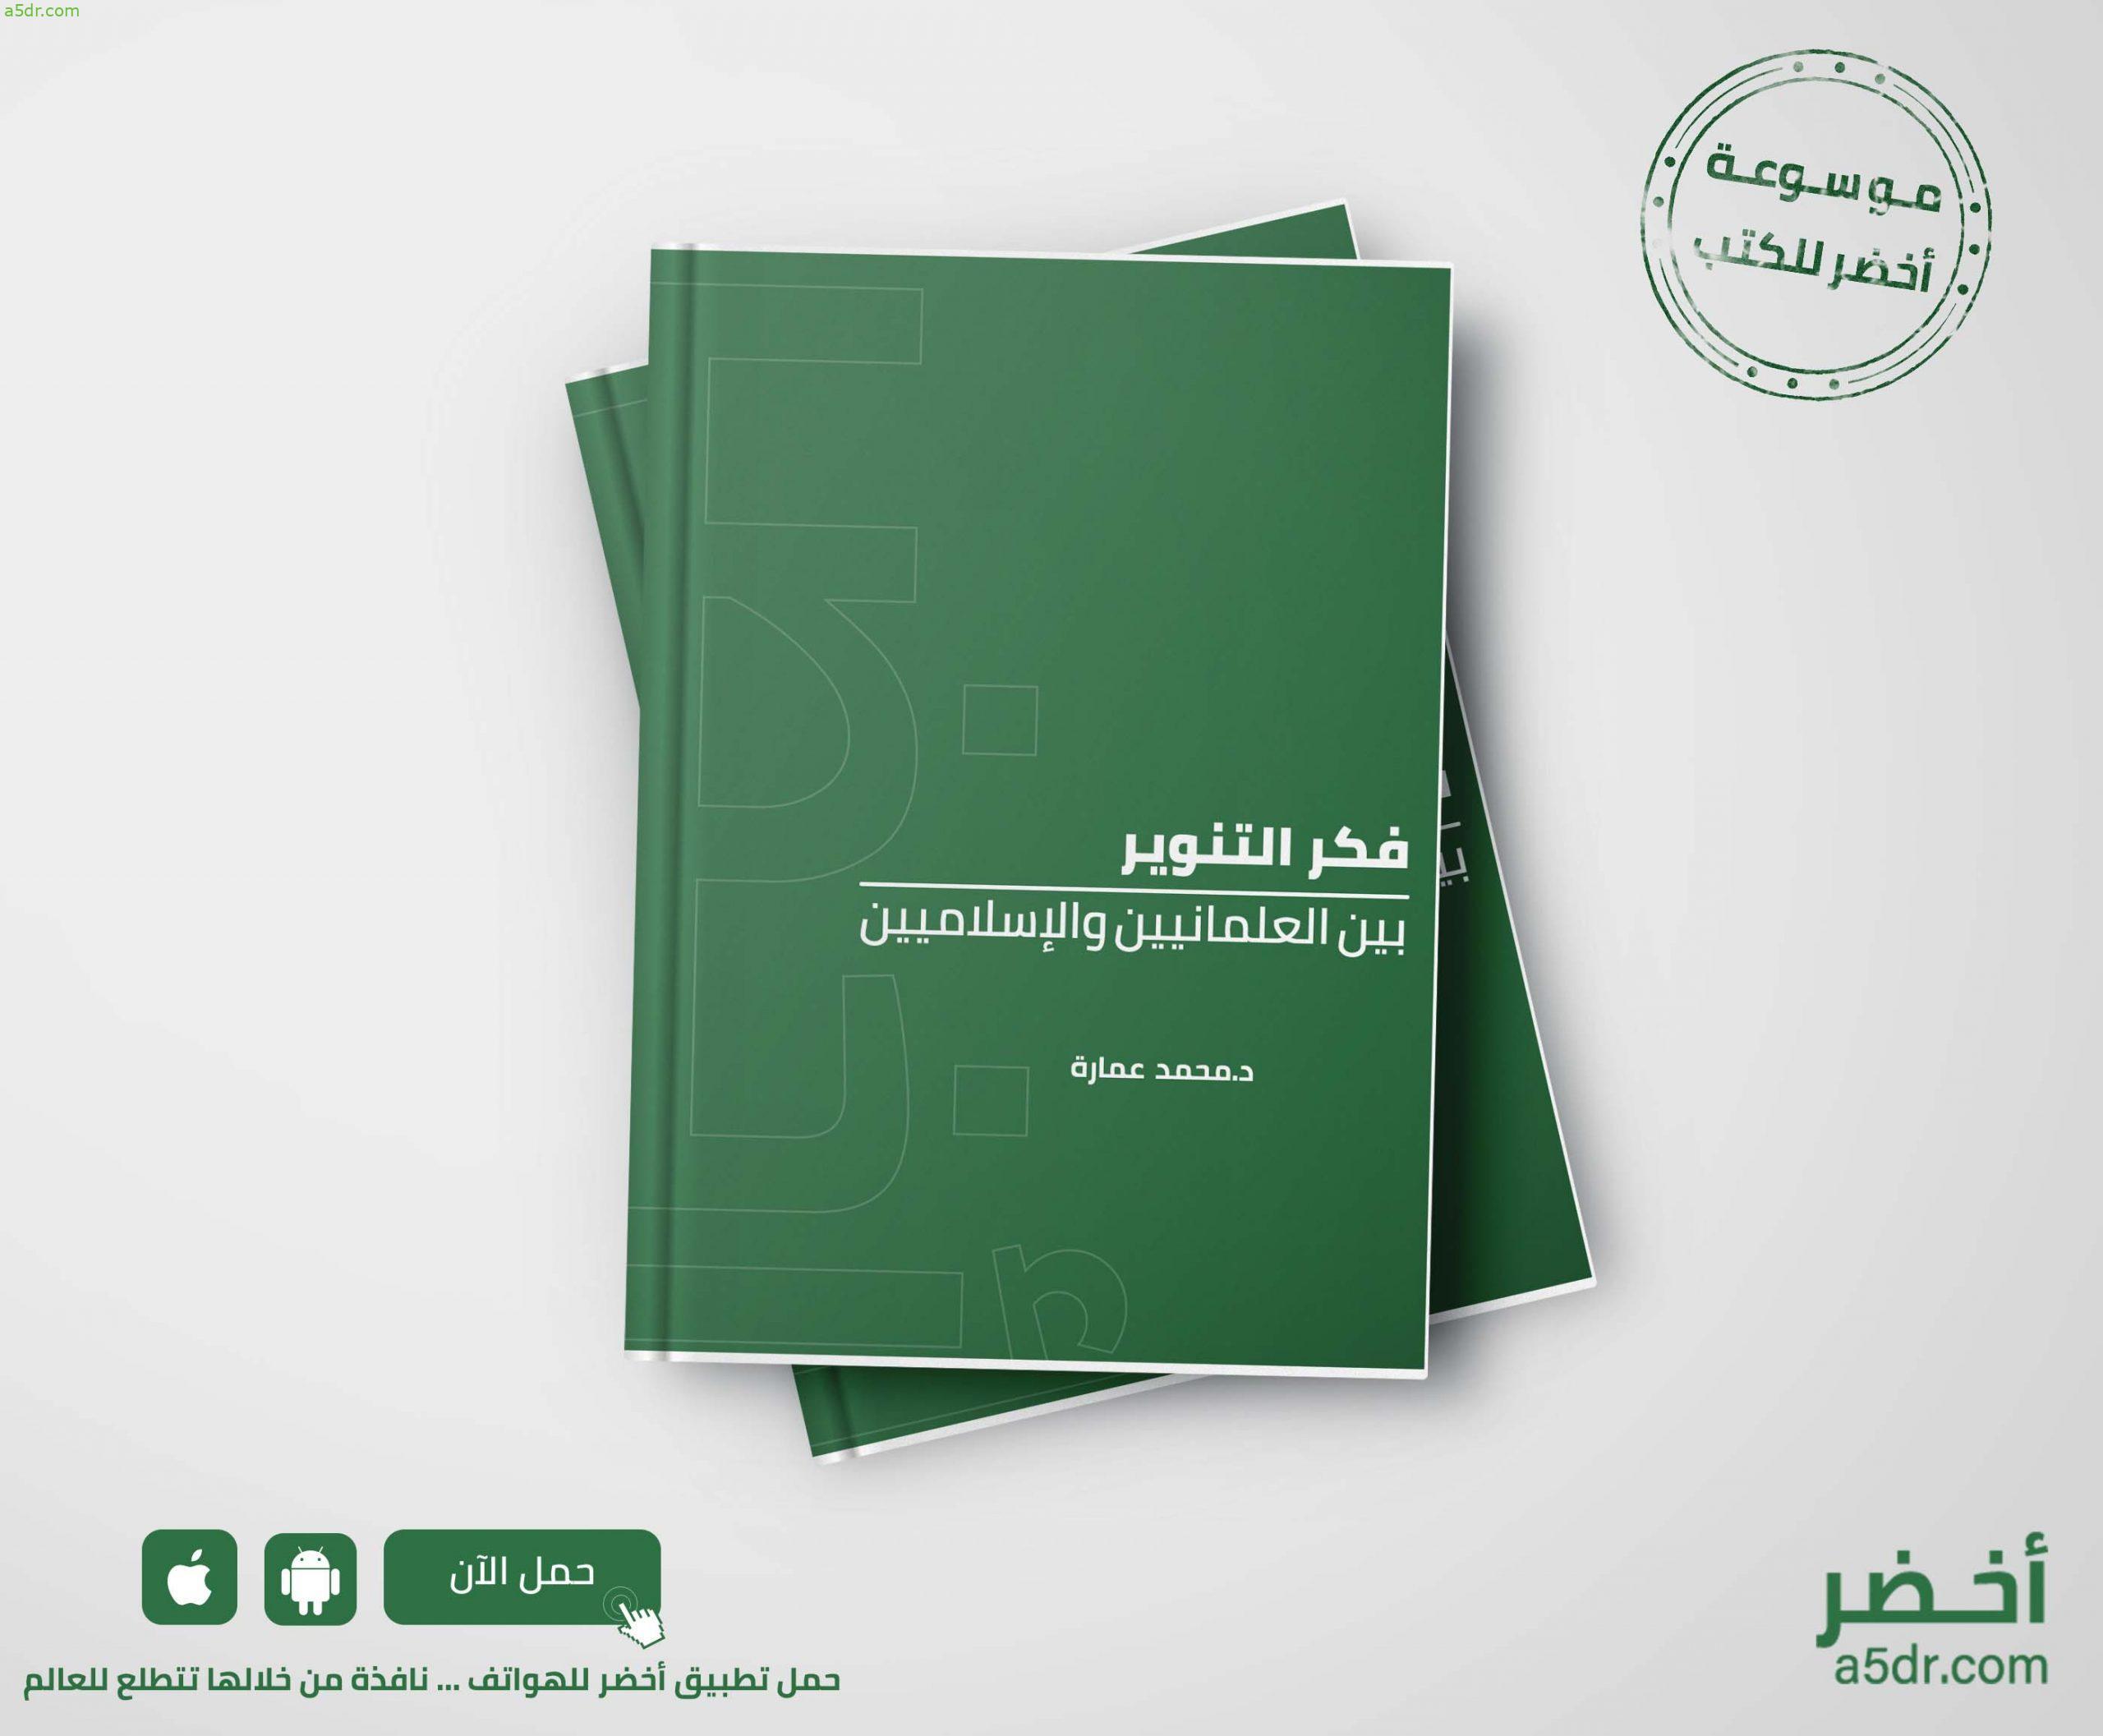 كتاب فكر التنوير بين العلمانيين والإسلاميين - محمد عمارة